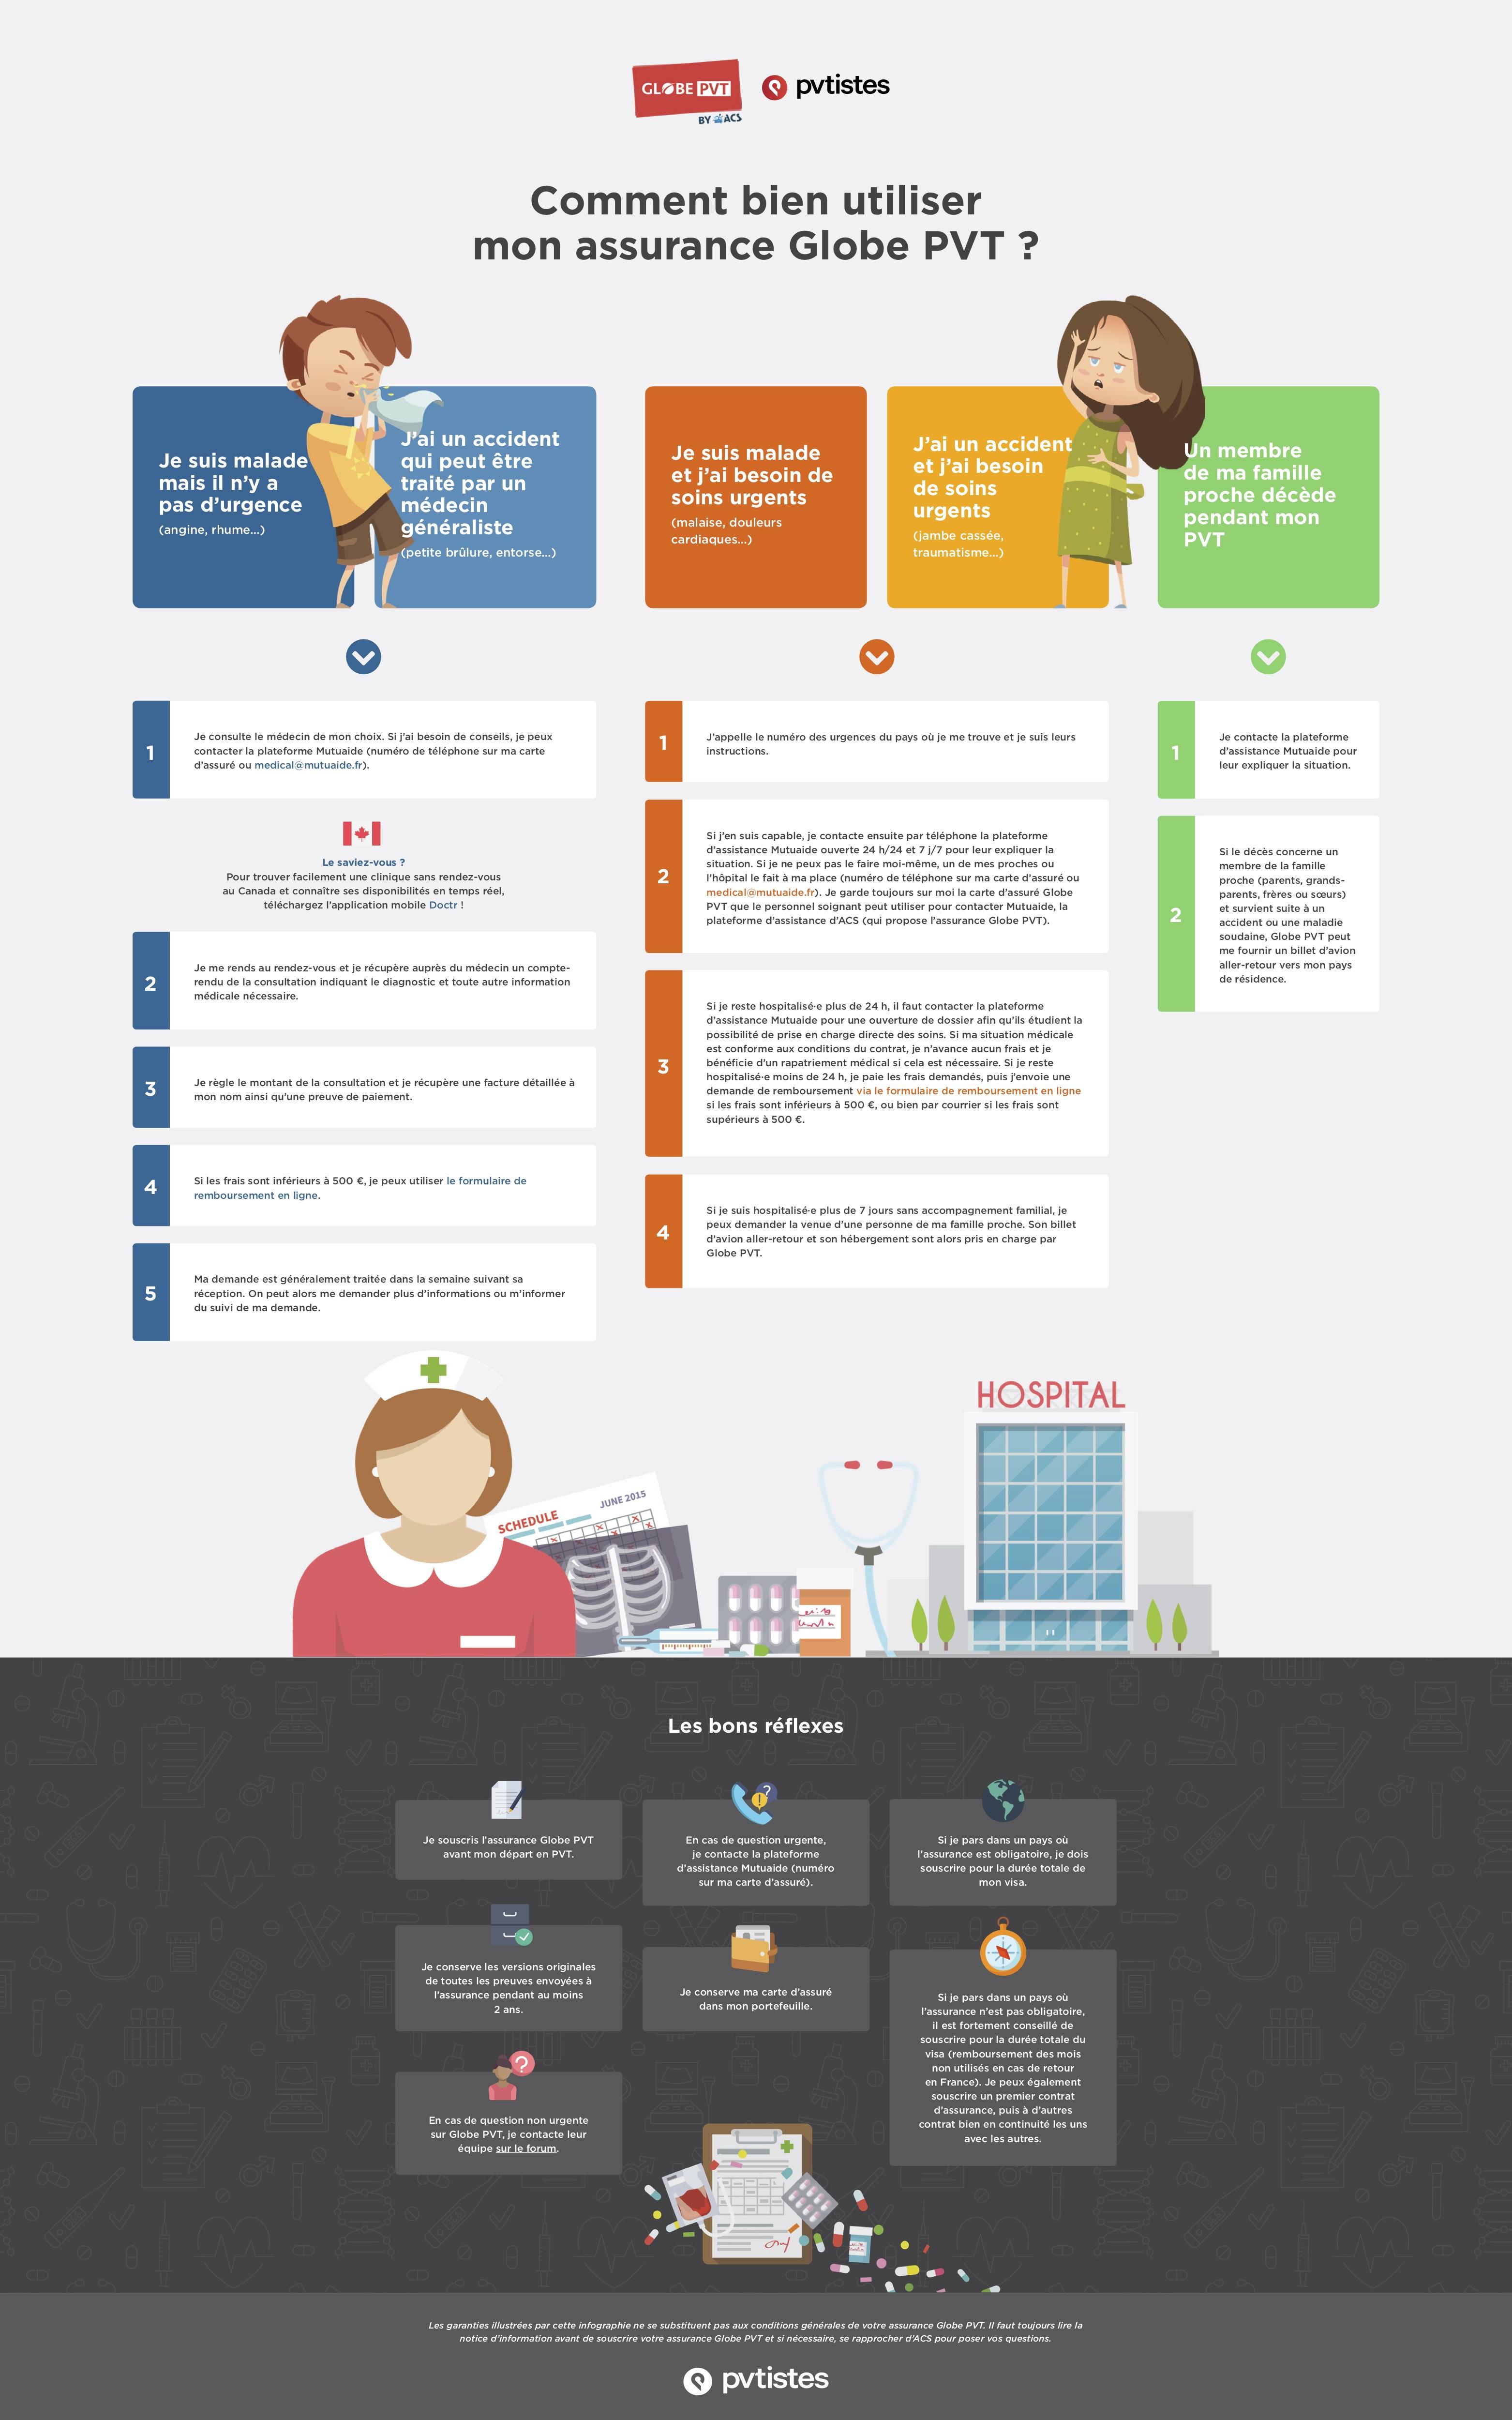 infographie-comment-bien-utiliser-mon-assurance-globe-pvt-dec2019